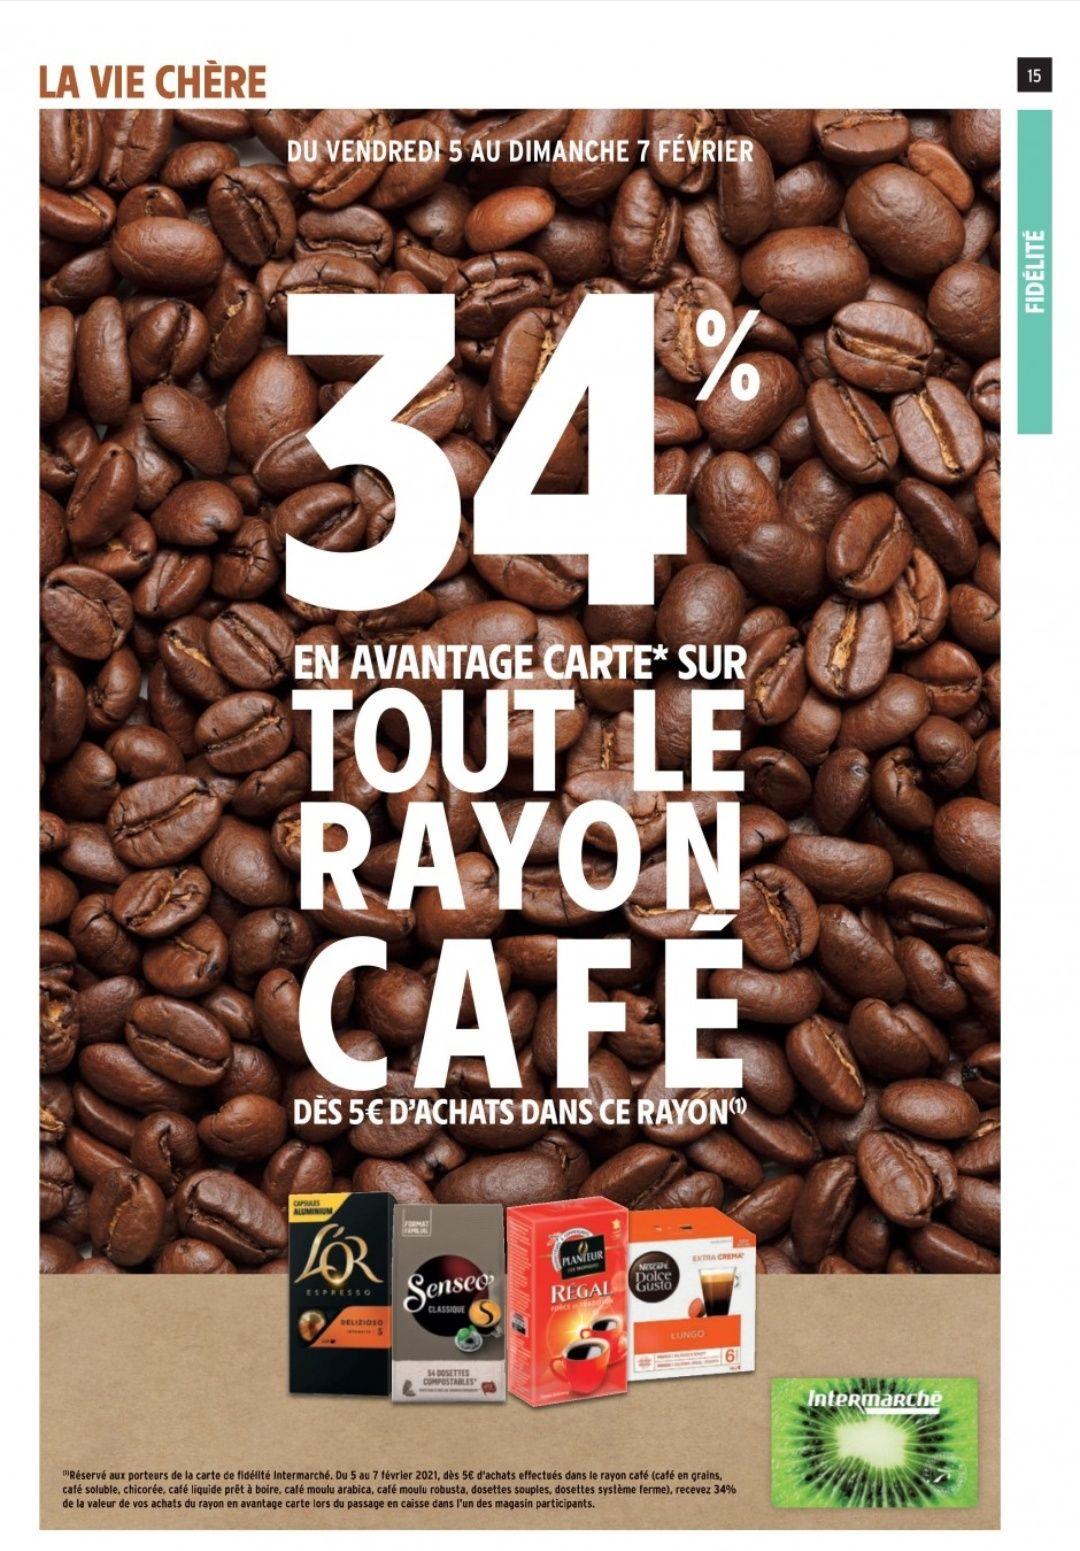 34% remboursés en avantage carte dès 5€ d'achat sur tout le rayon Café